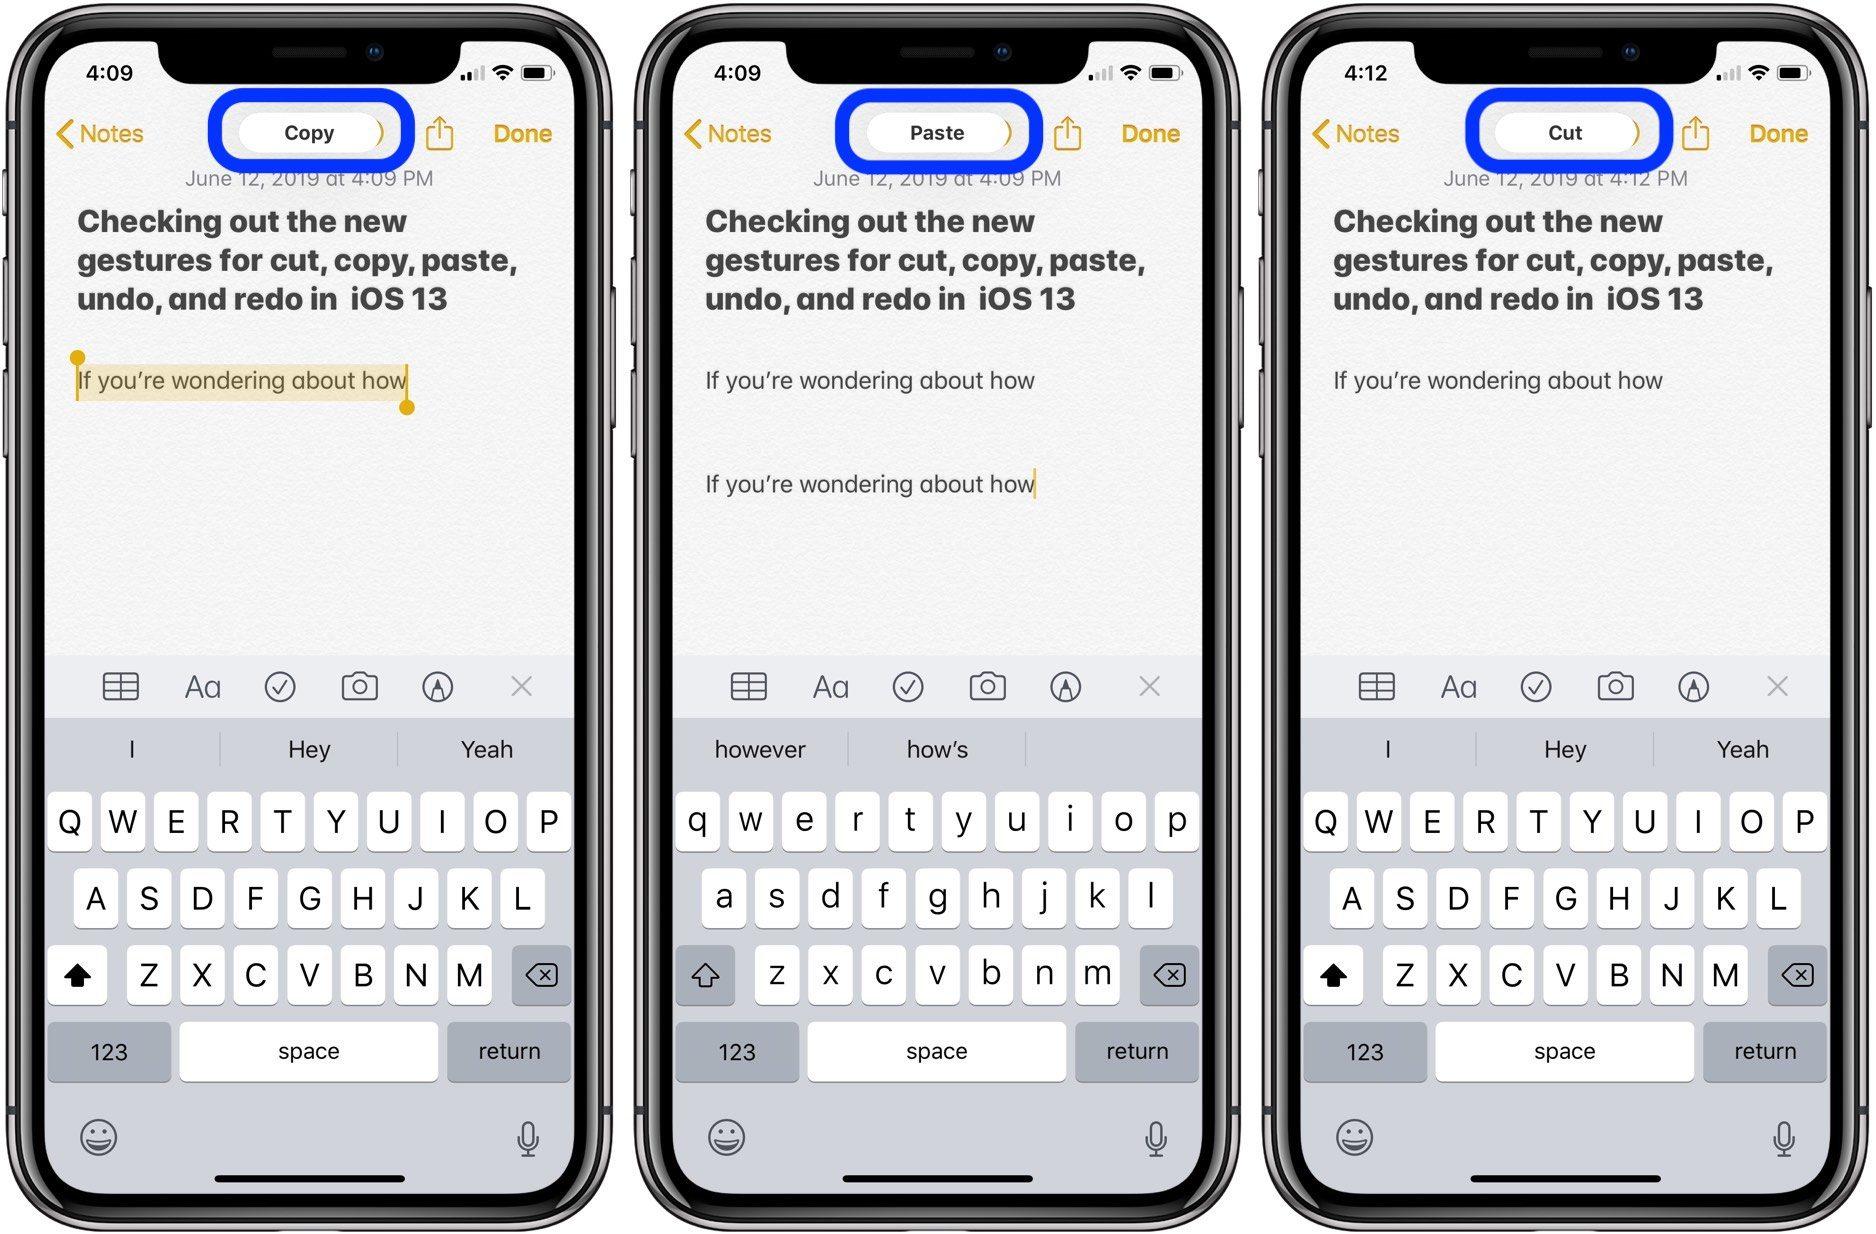 """<span href=""""https://9to5mac.com/2019/06/12/gestures-undo-ios-iphone-ipad/"""">iOS 13: Cómo utilizar los nuevos gestos para cortar, copiar, pegar y deshacer en el iPhone y el iPad</a>"""